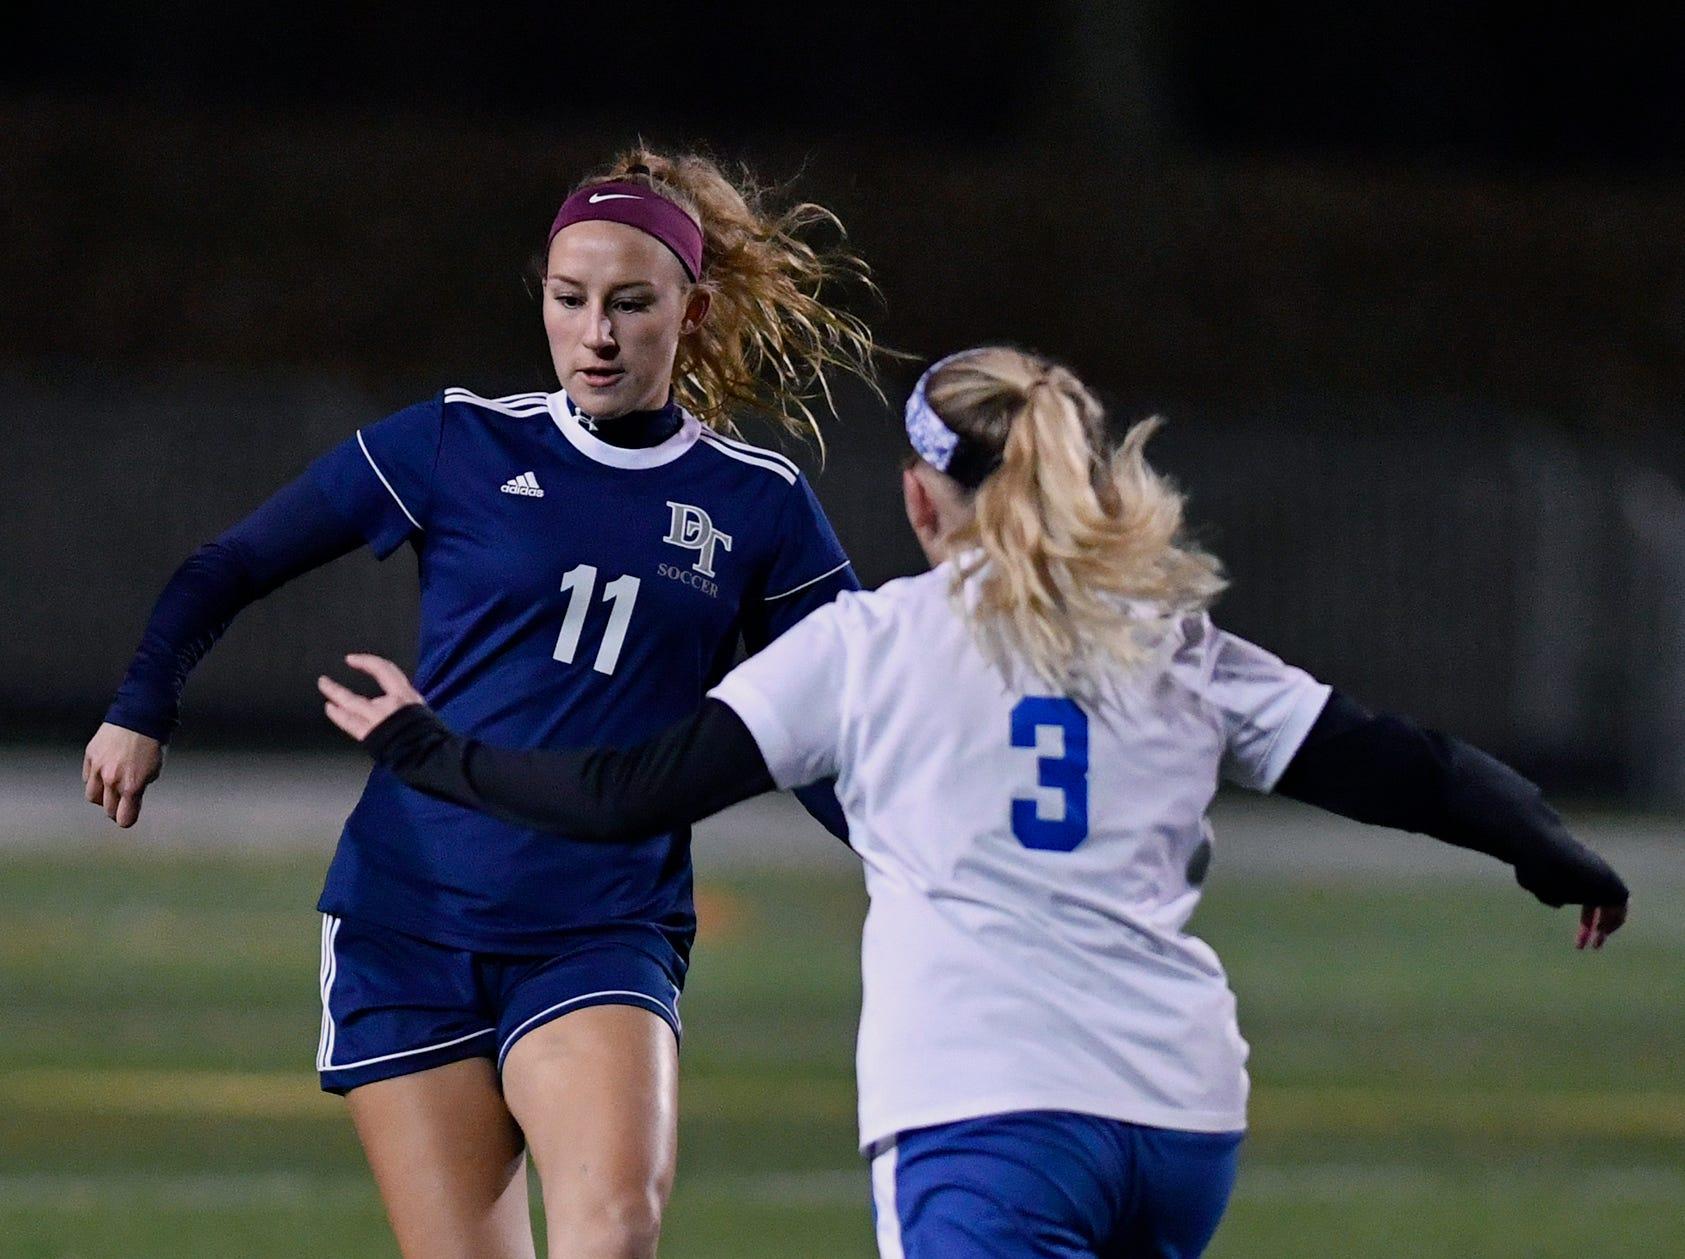 York-Adams League Girls' Soccer Senior All-Star Game, Thursday, November 7, 2018. John A. Pavoncello photo